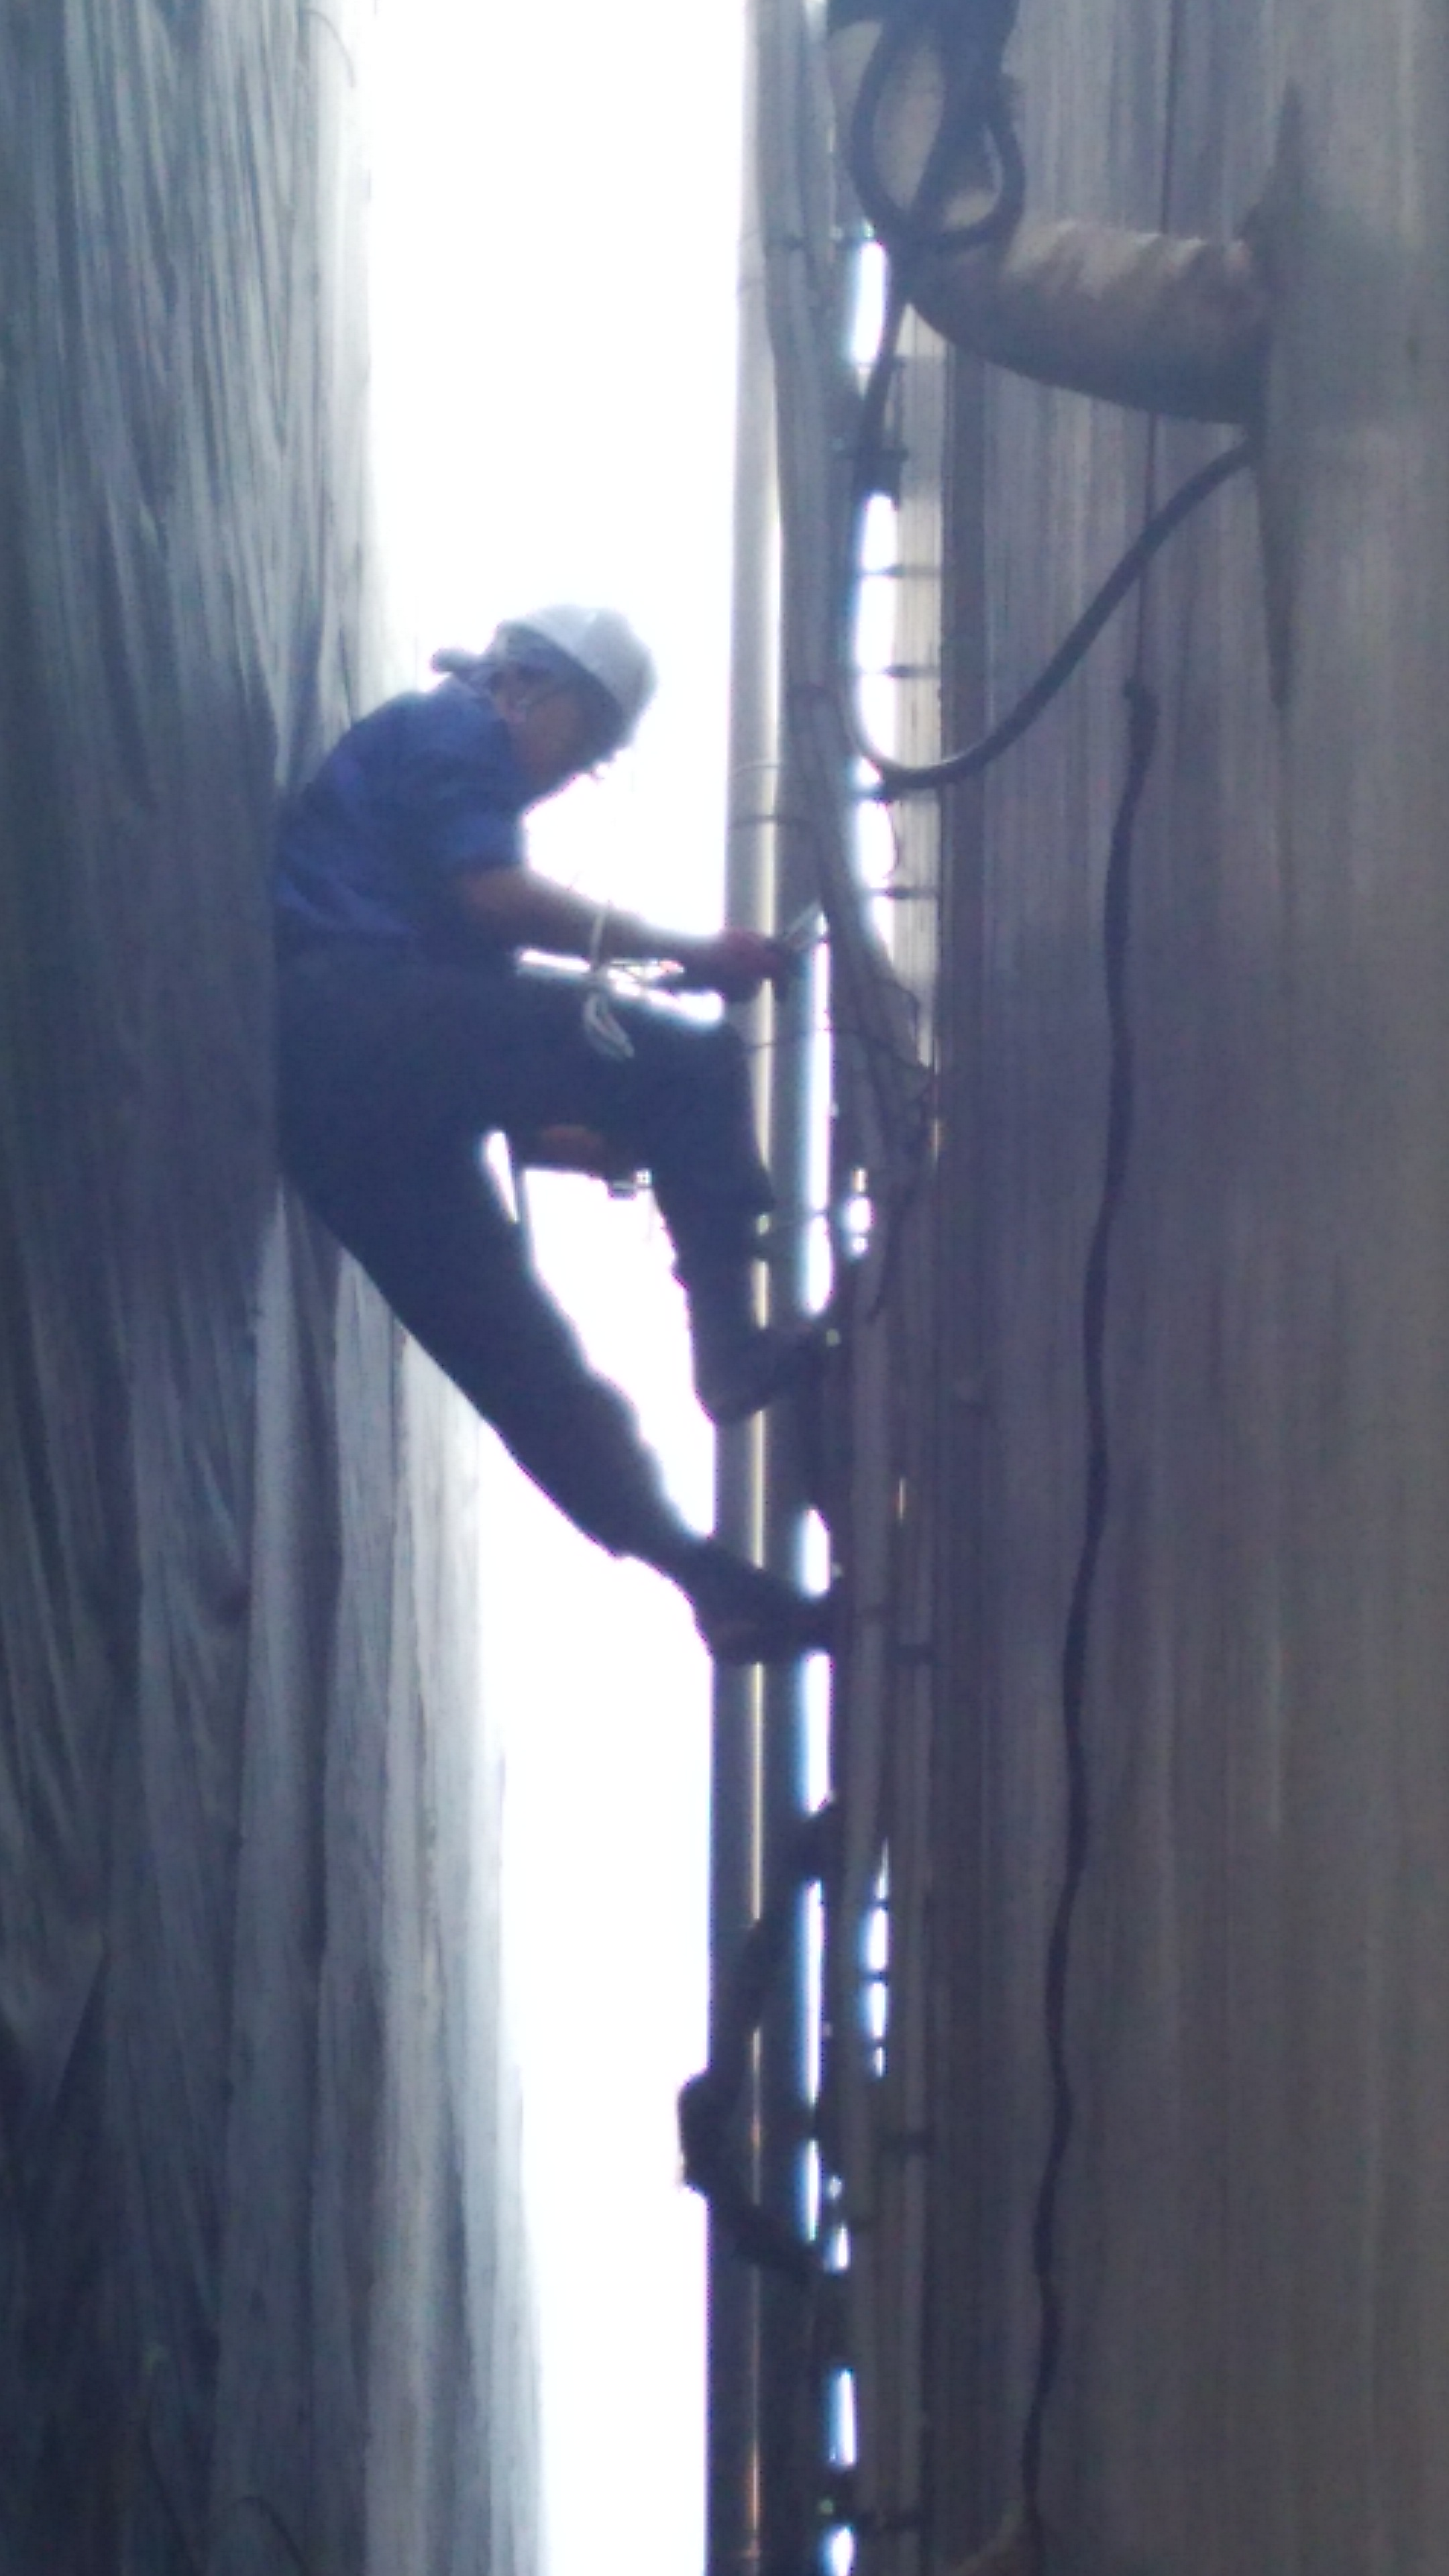 縄梯子で降りながら蔓(つる)を細かく切断してゆきます